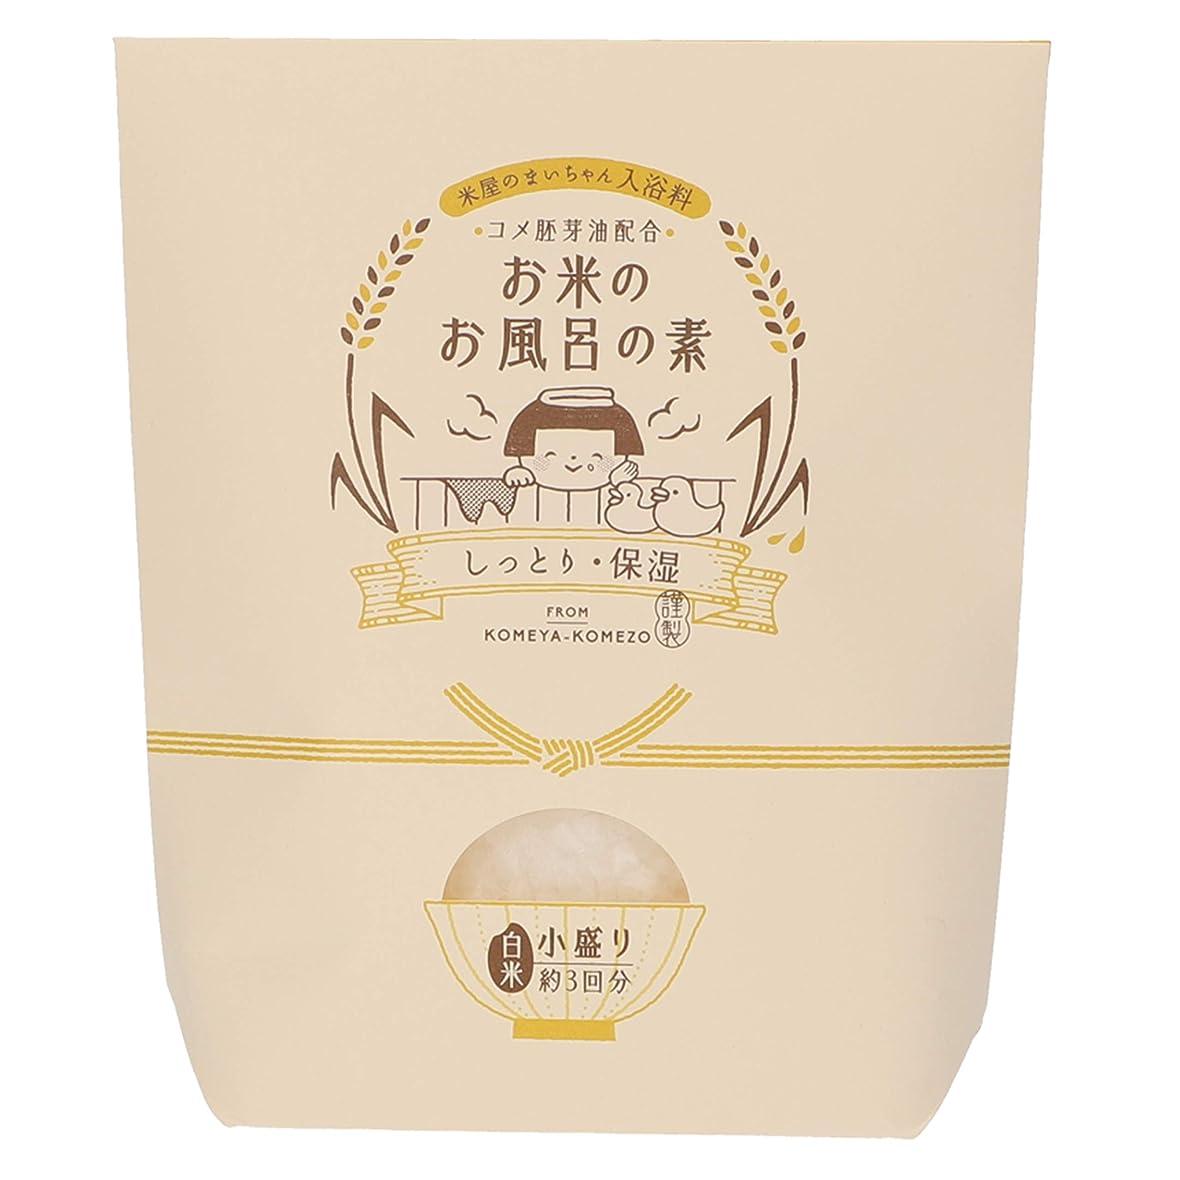 特異なエトナ山ハードお米のお風呂の素 小盛り(保湿)